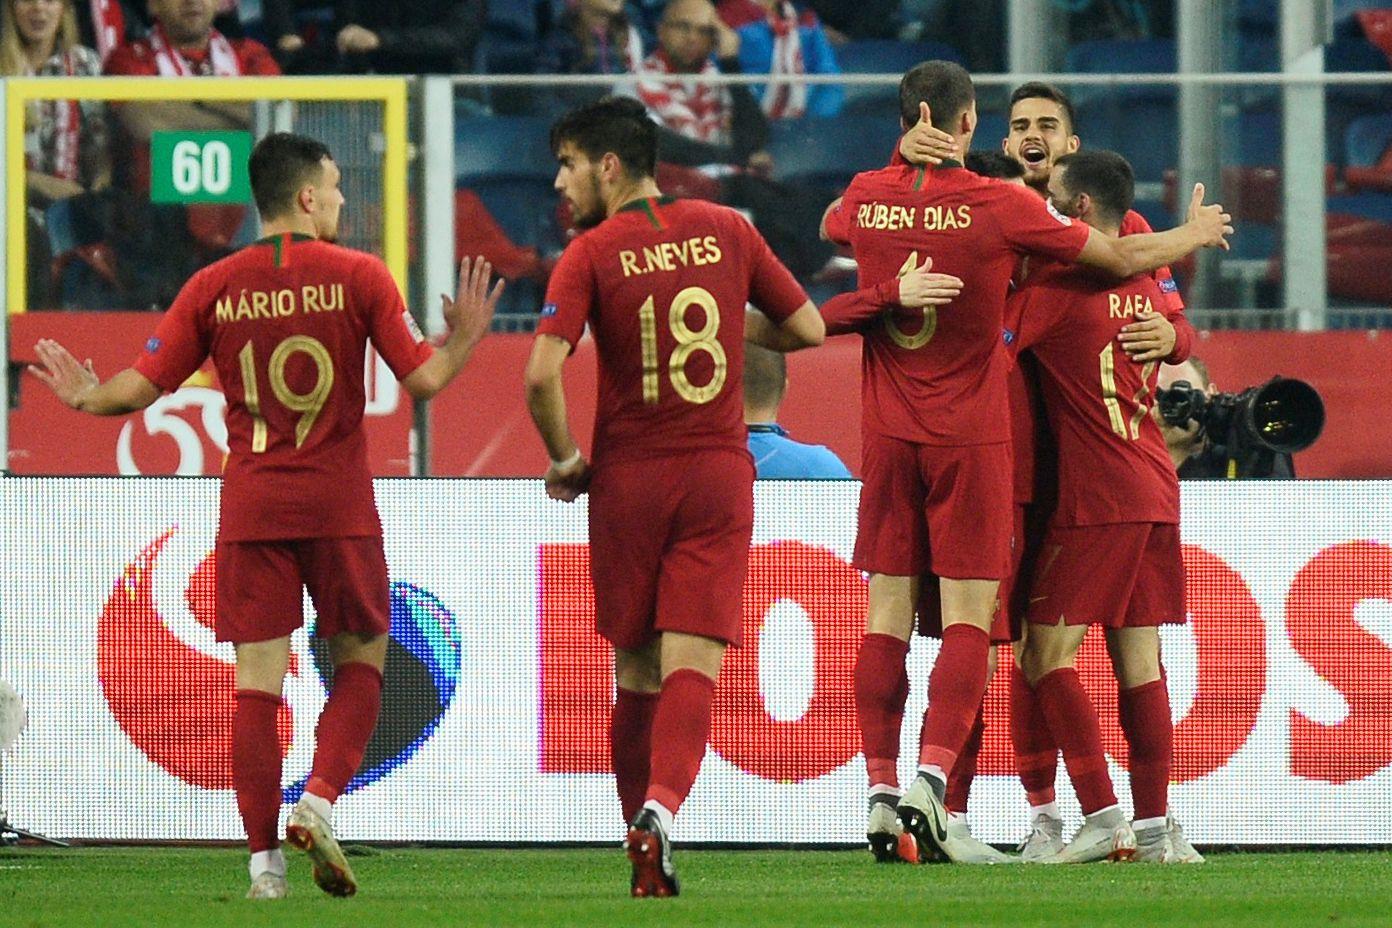 Melhor ou pior? É um Portugal diferente sem Cristiano Ronaldo